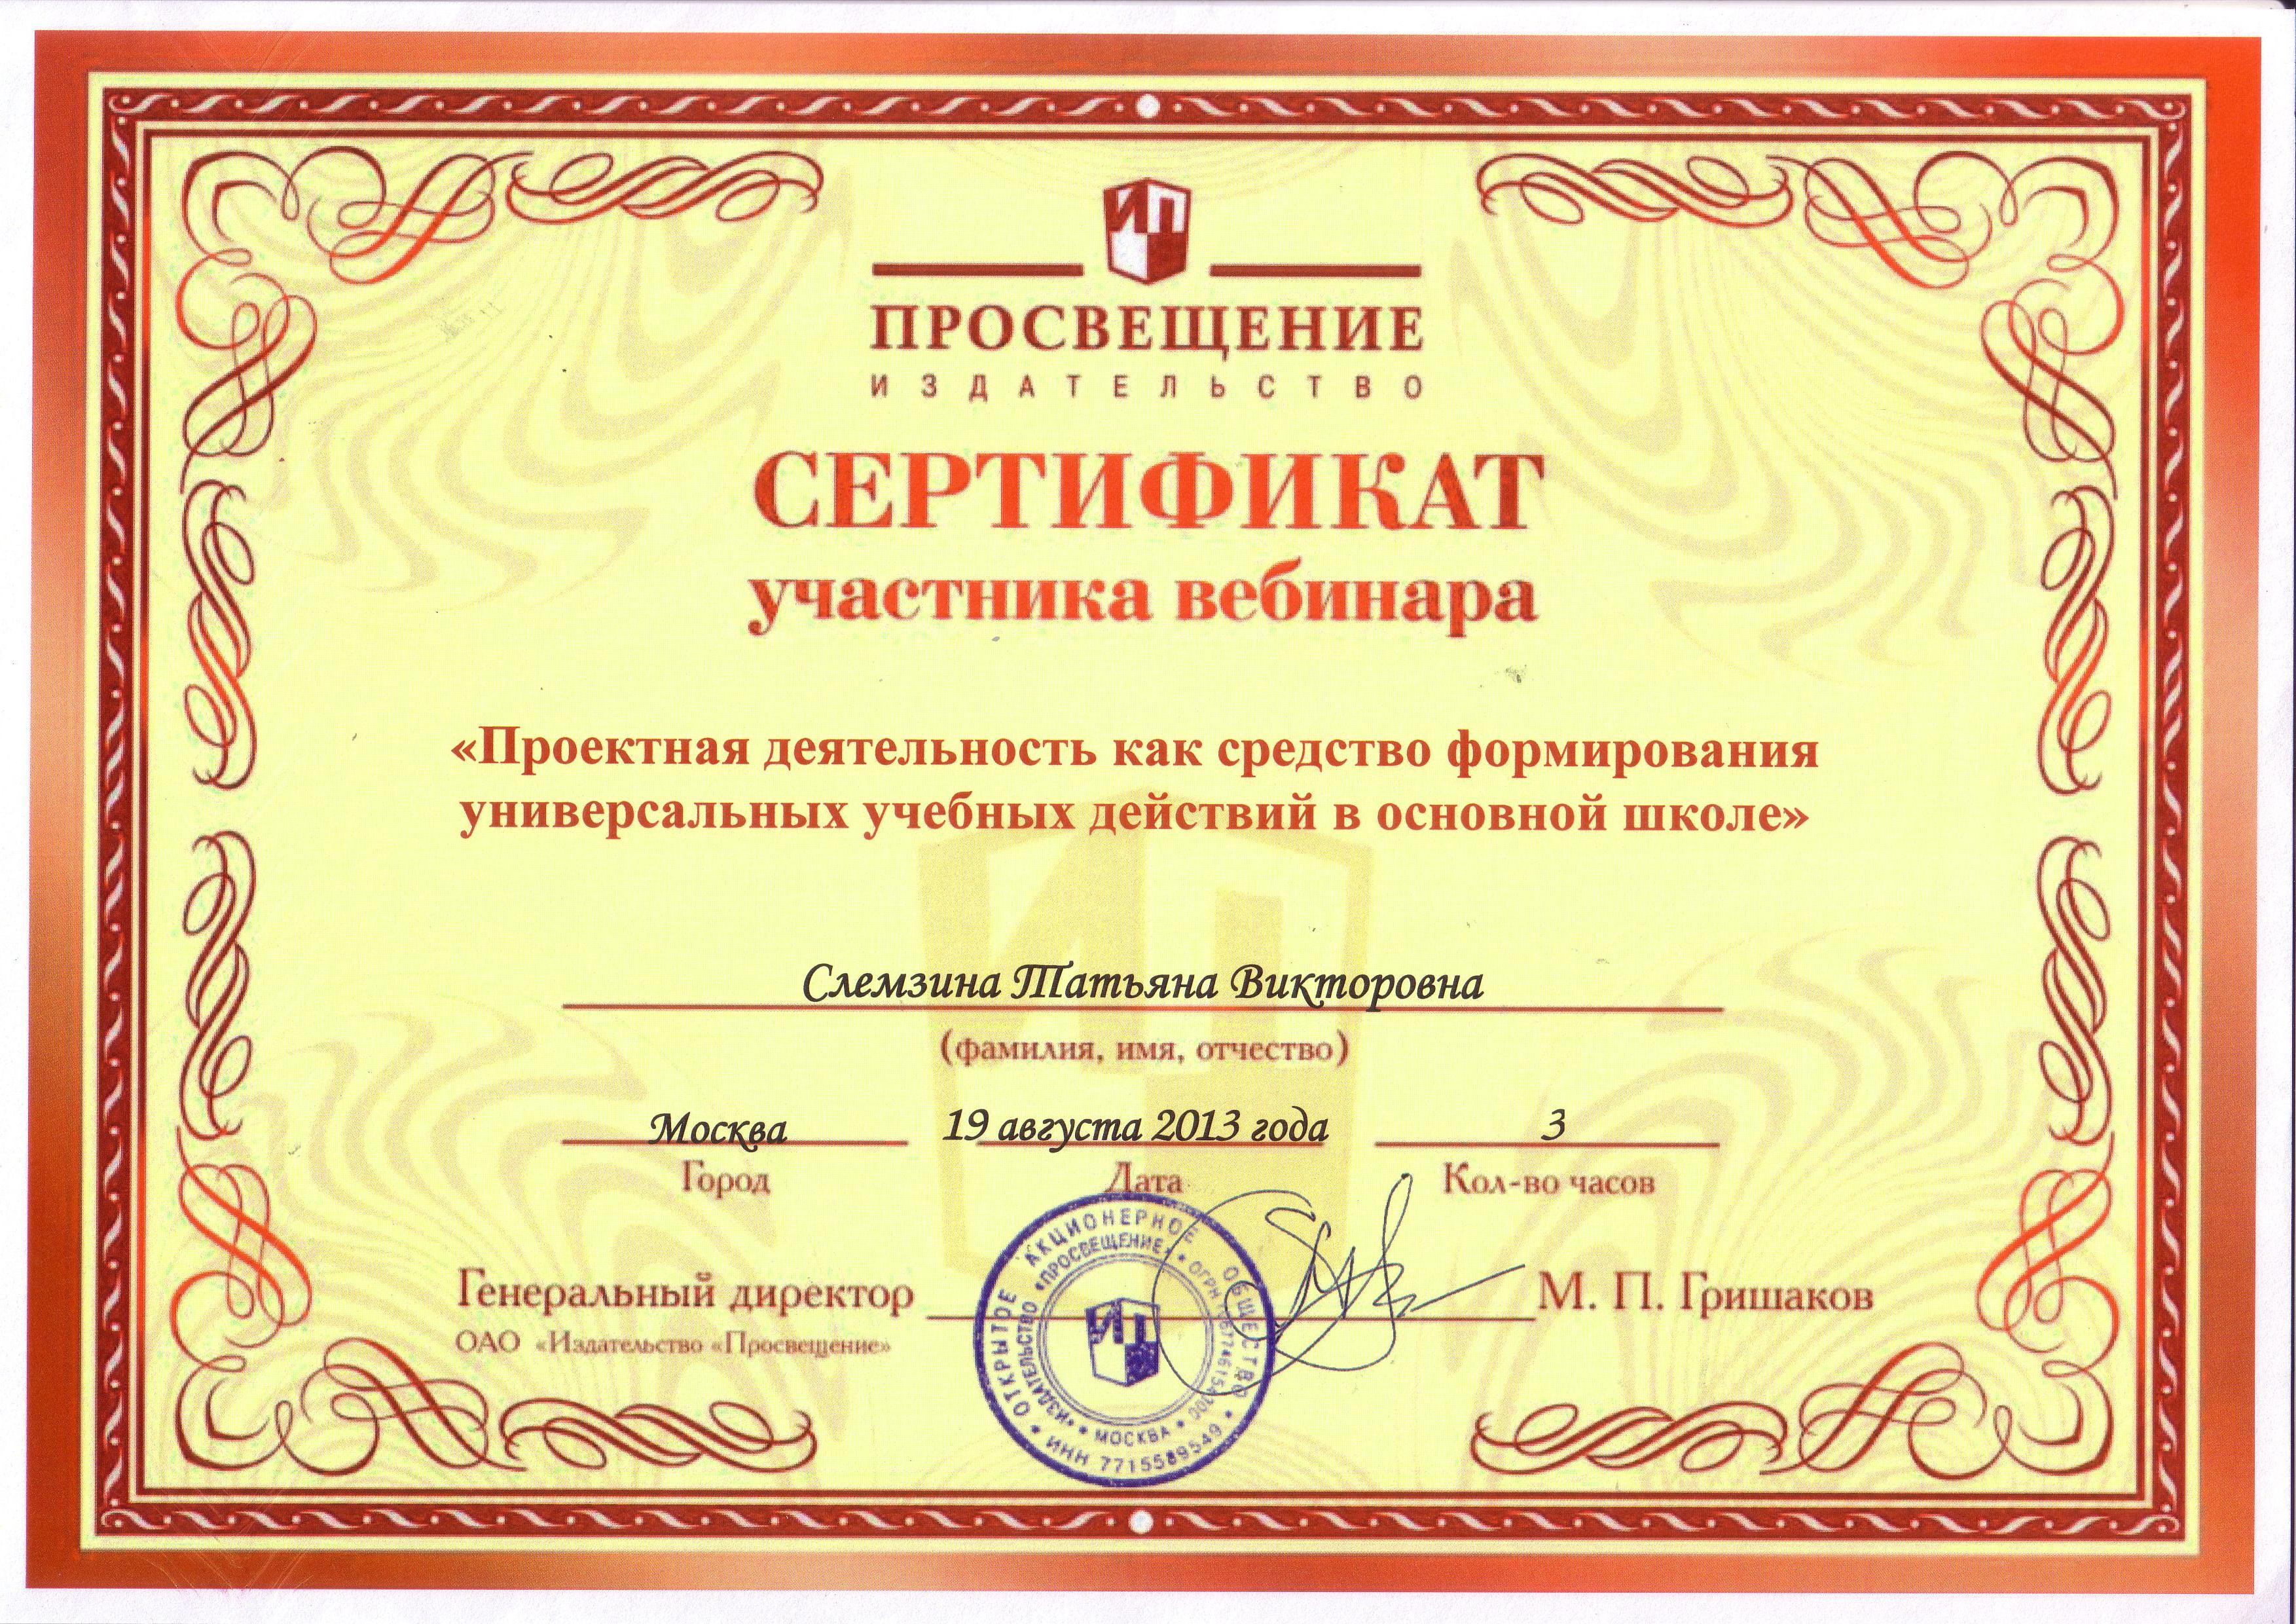 Сертификат вебинара скачать бесплатно - 8